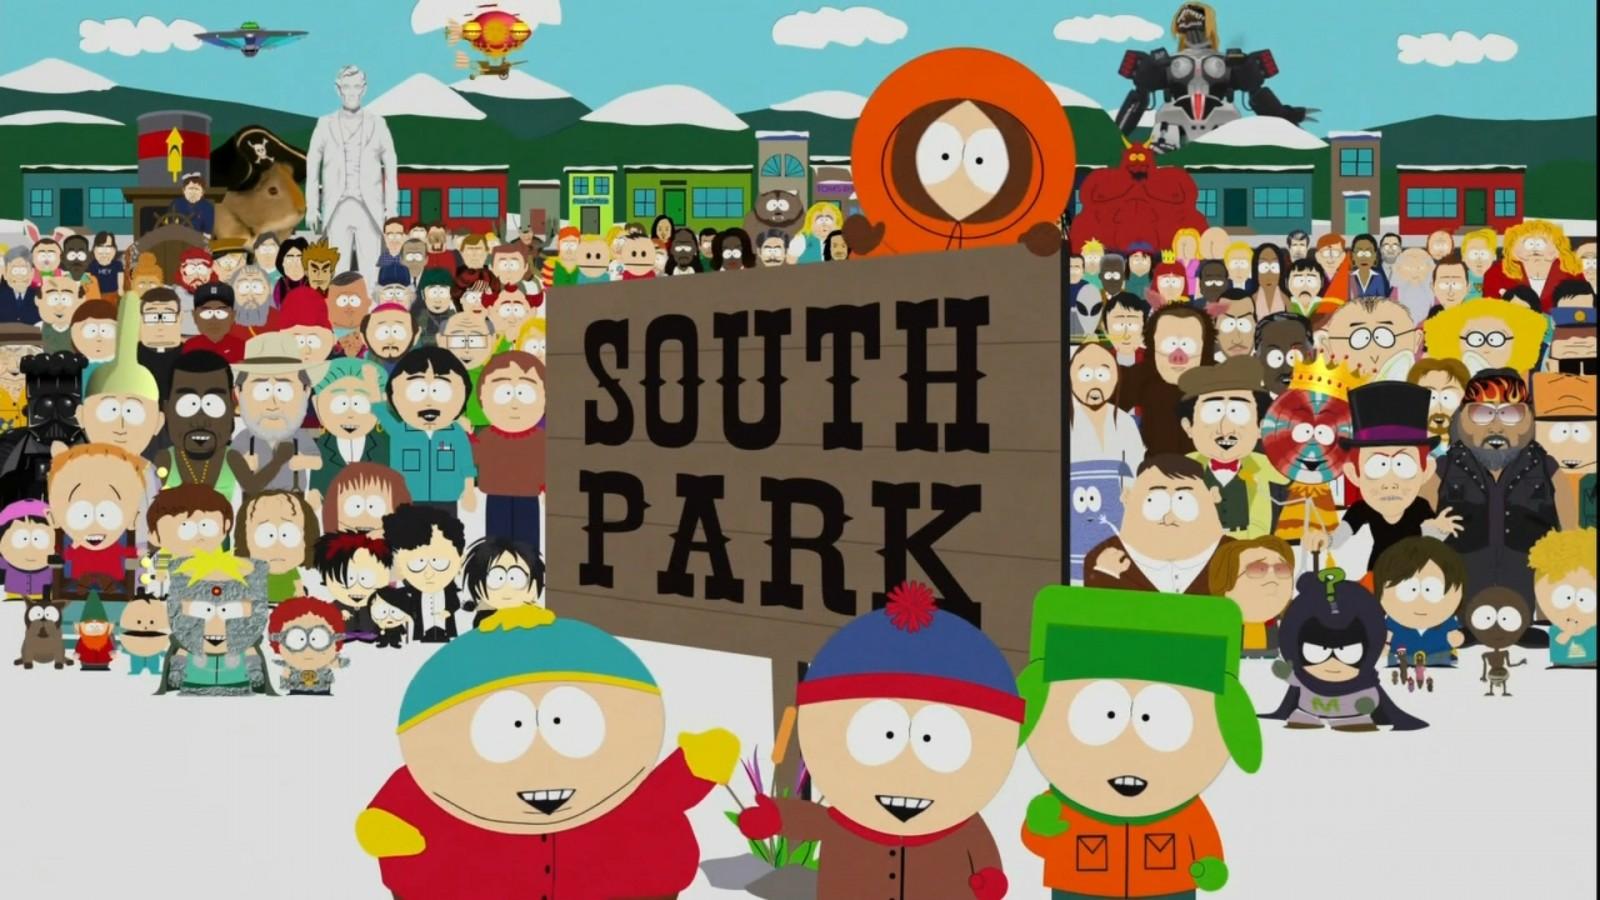 Южный парк— мультсериал.